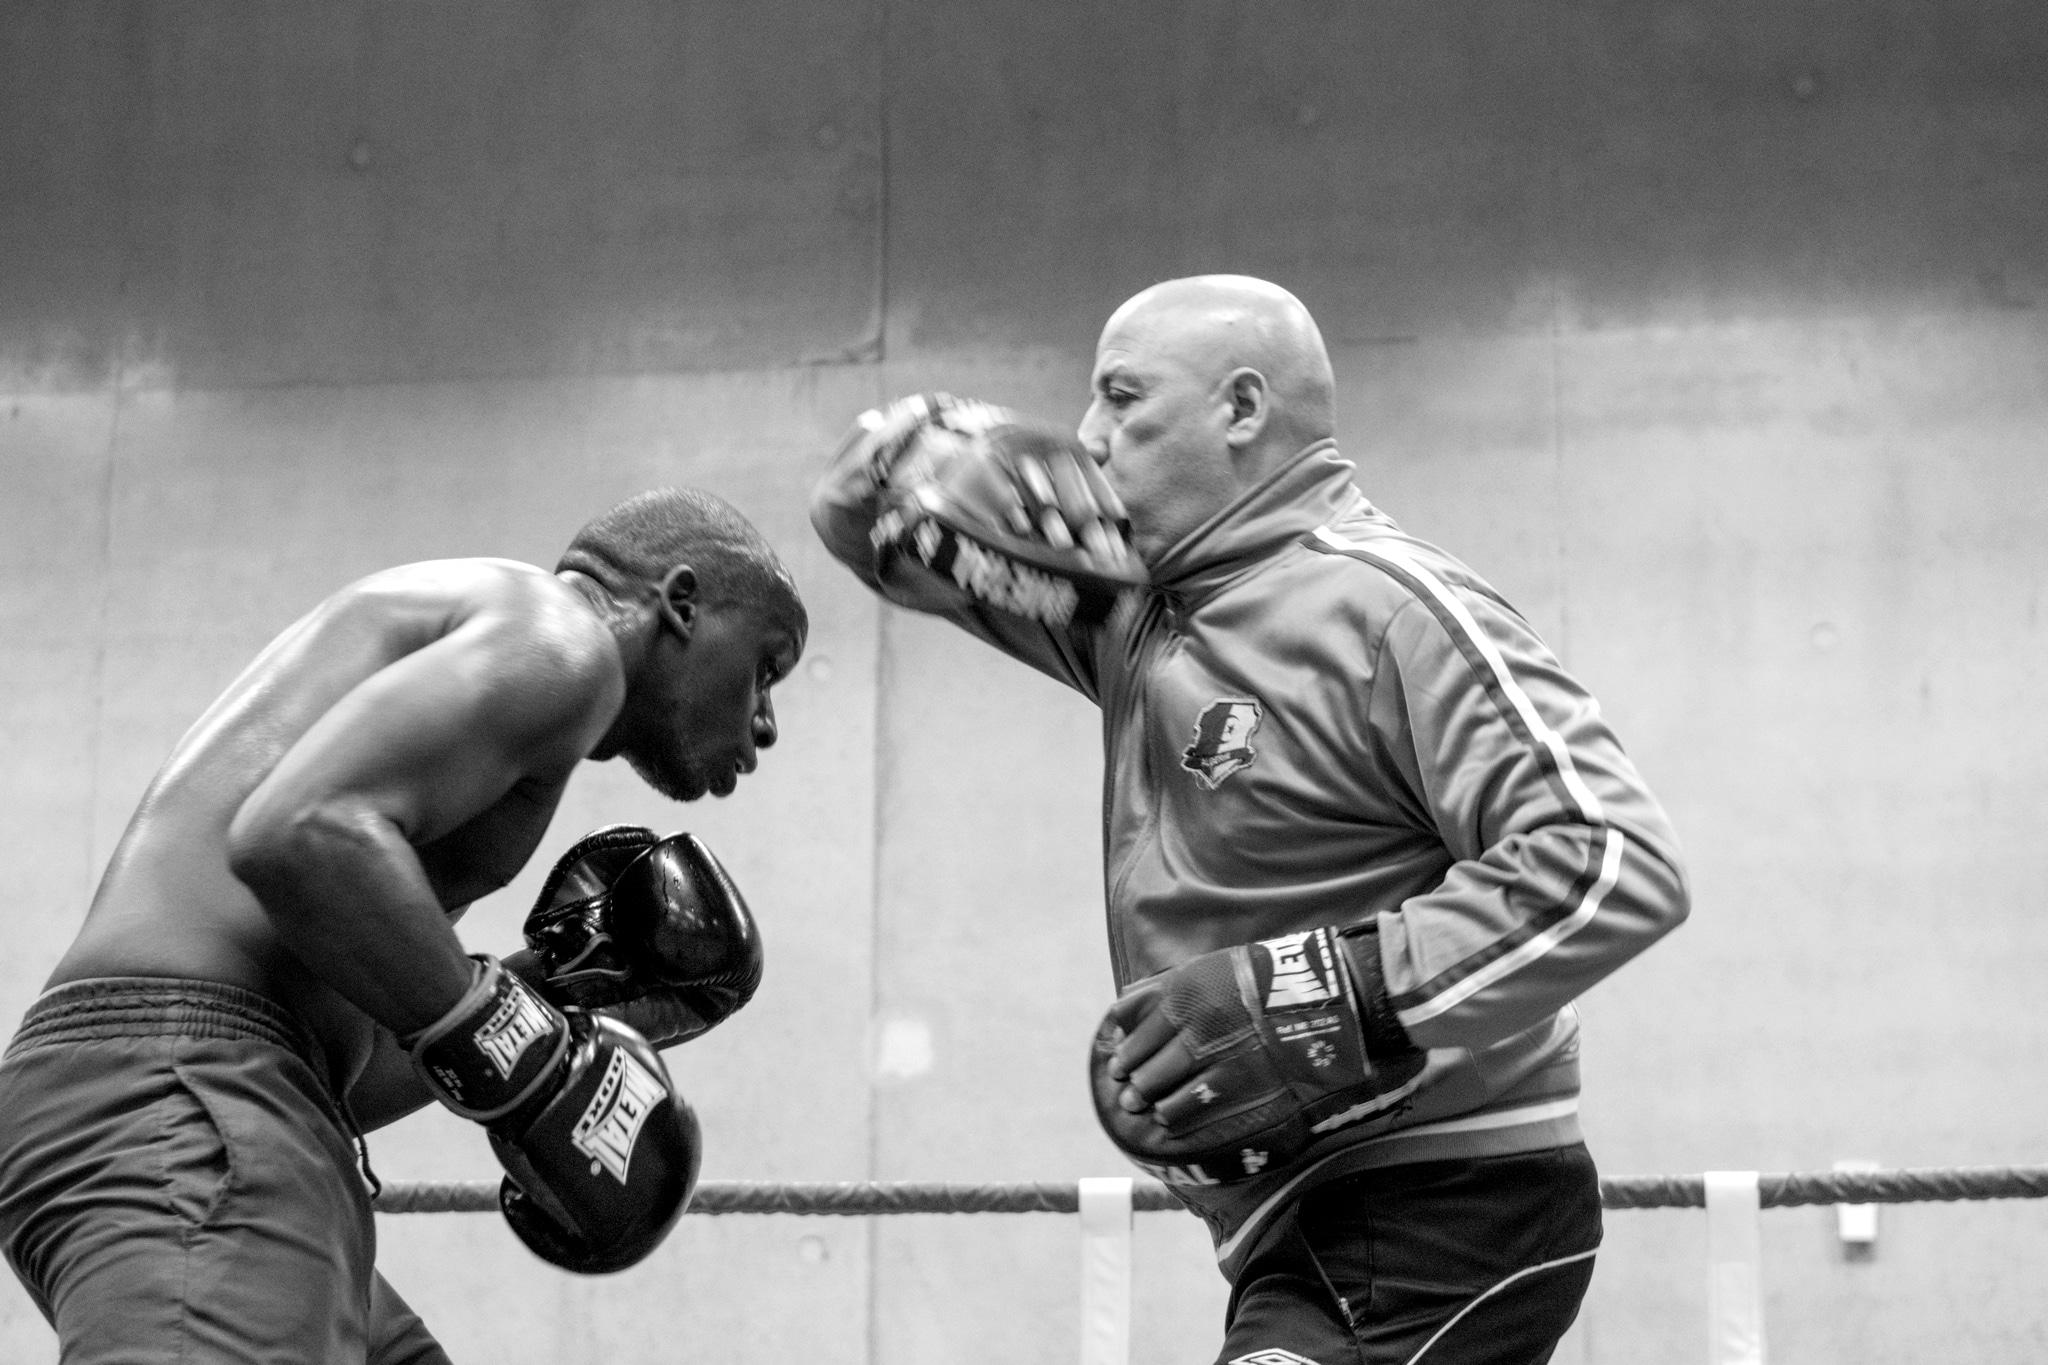 reportage photo Damien Journée Boxe